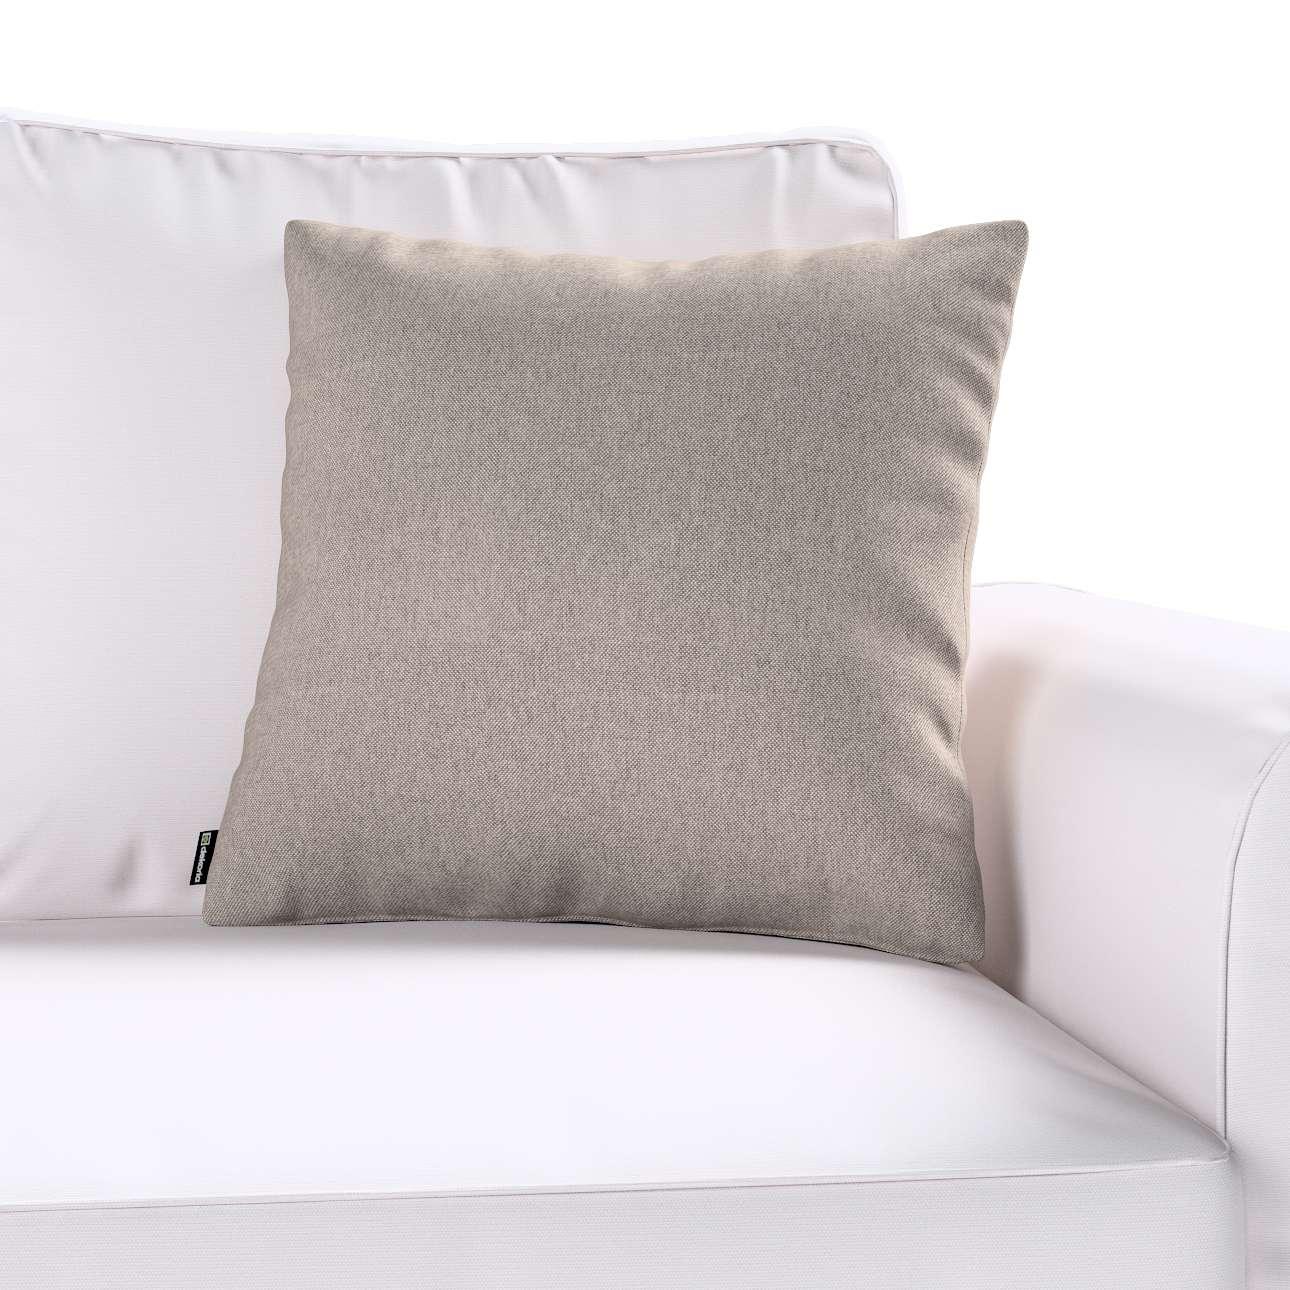 Poszewka Kinga na poduszkę w kolekcji Etna, tkanina: 705-09